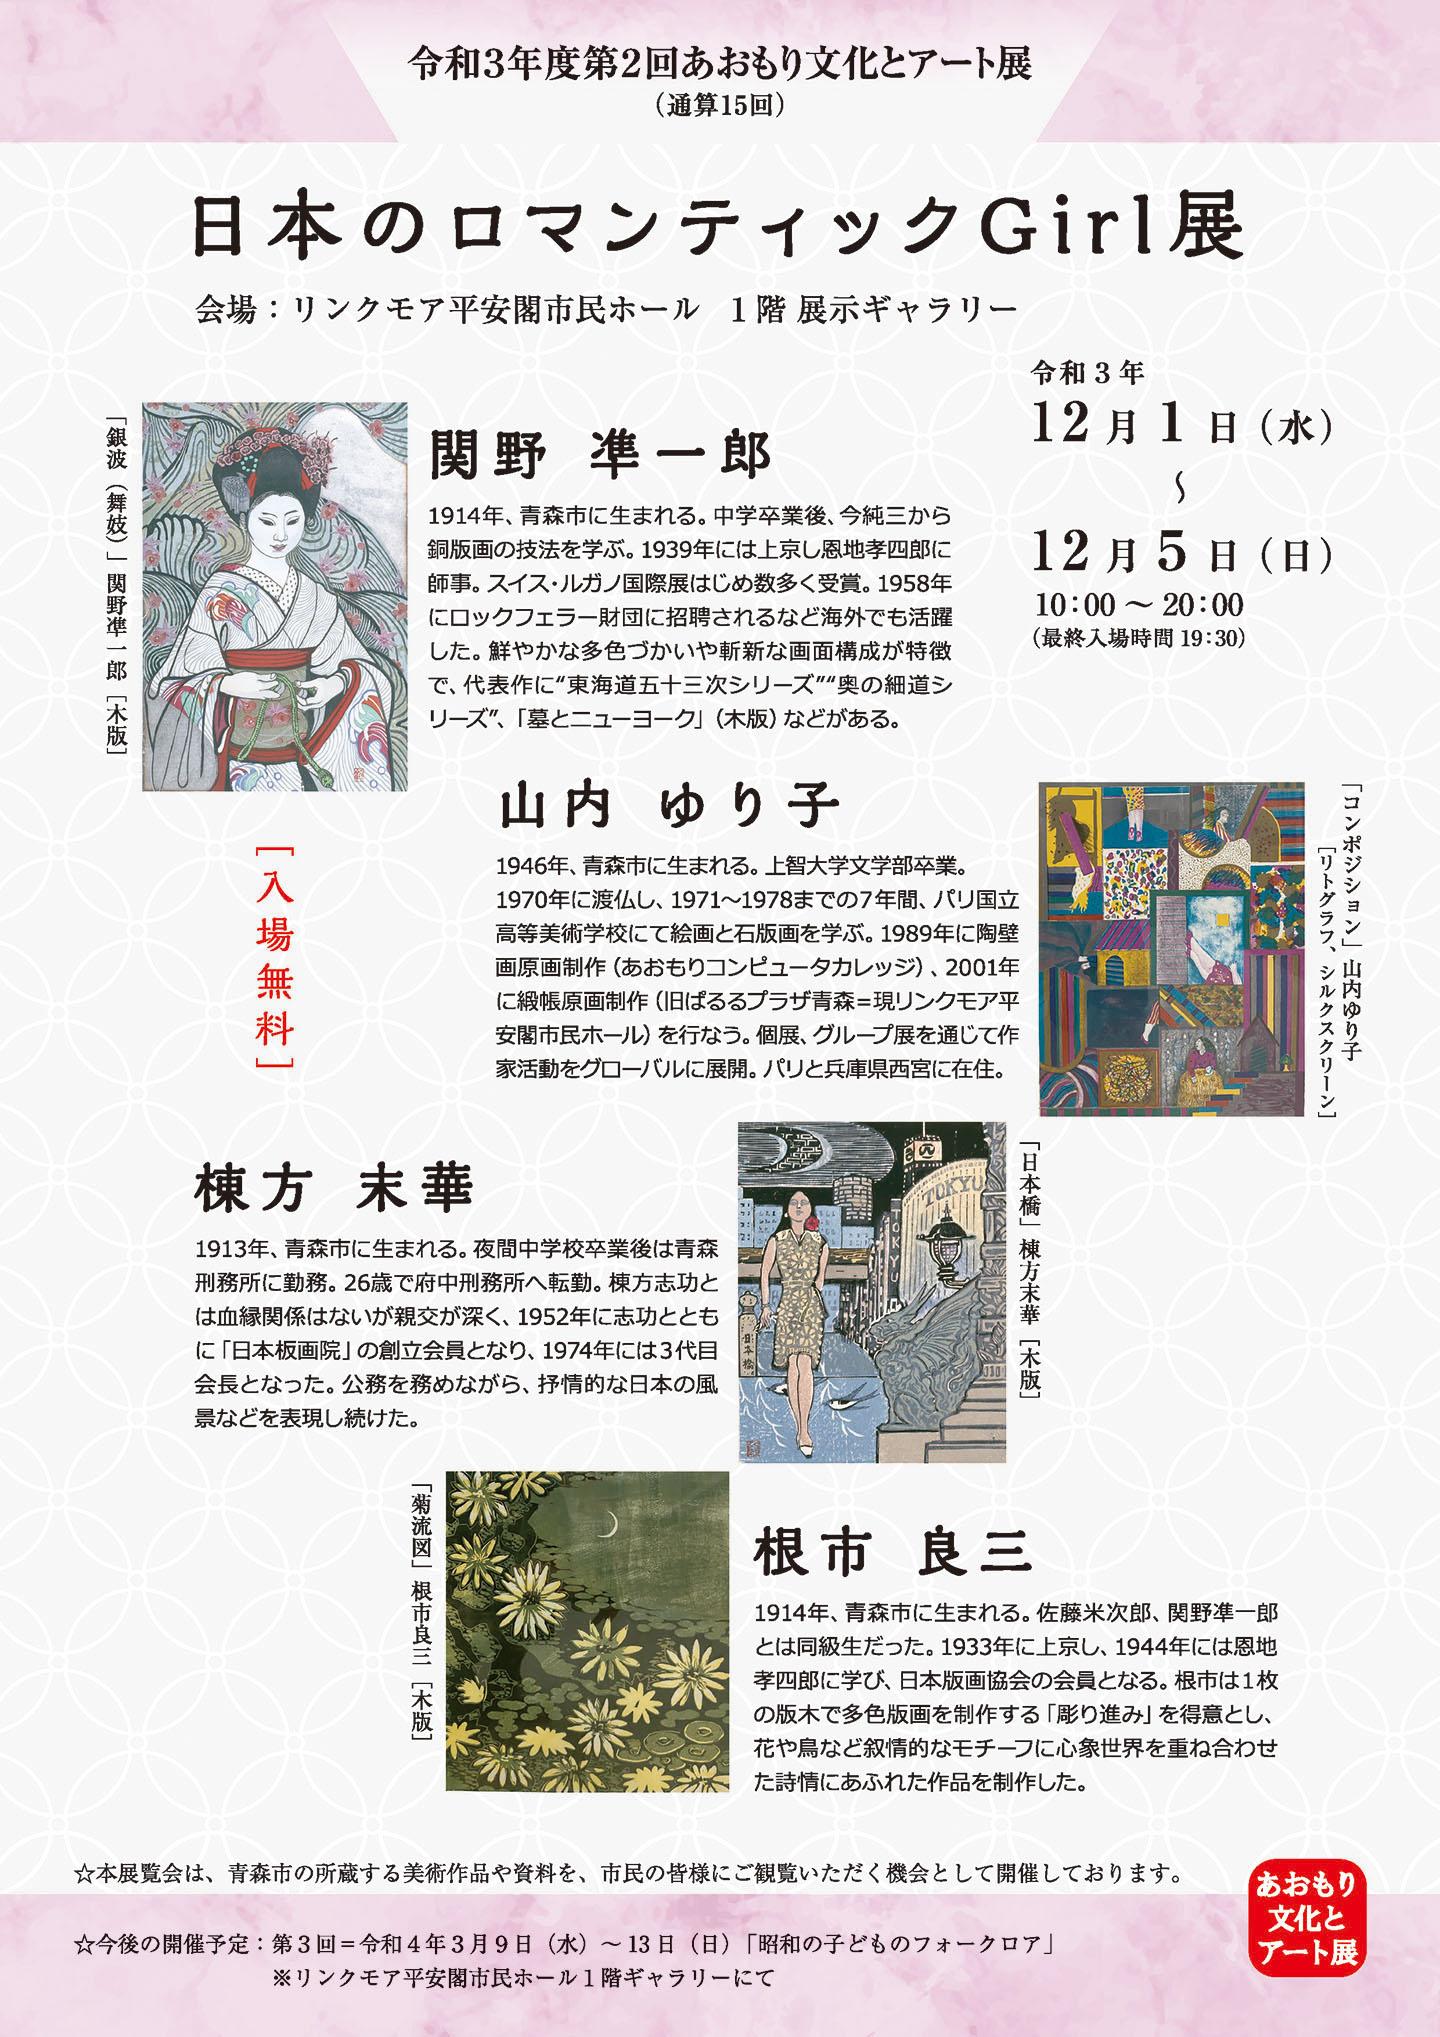 日本のロマンティックGirl展(12/1〜12/5)チラシ裏